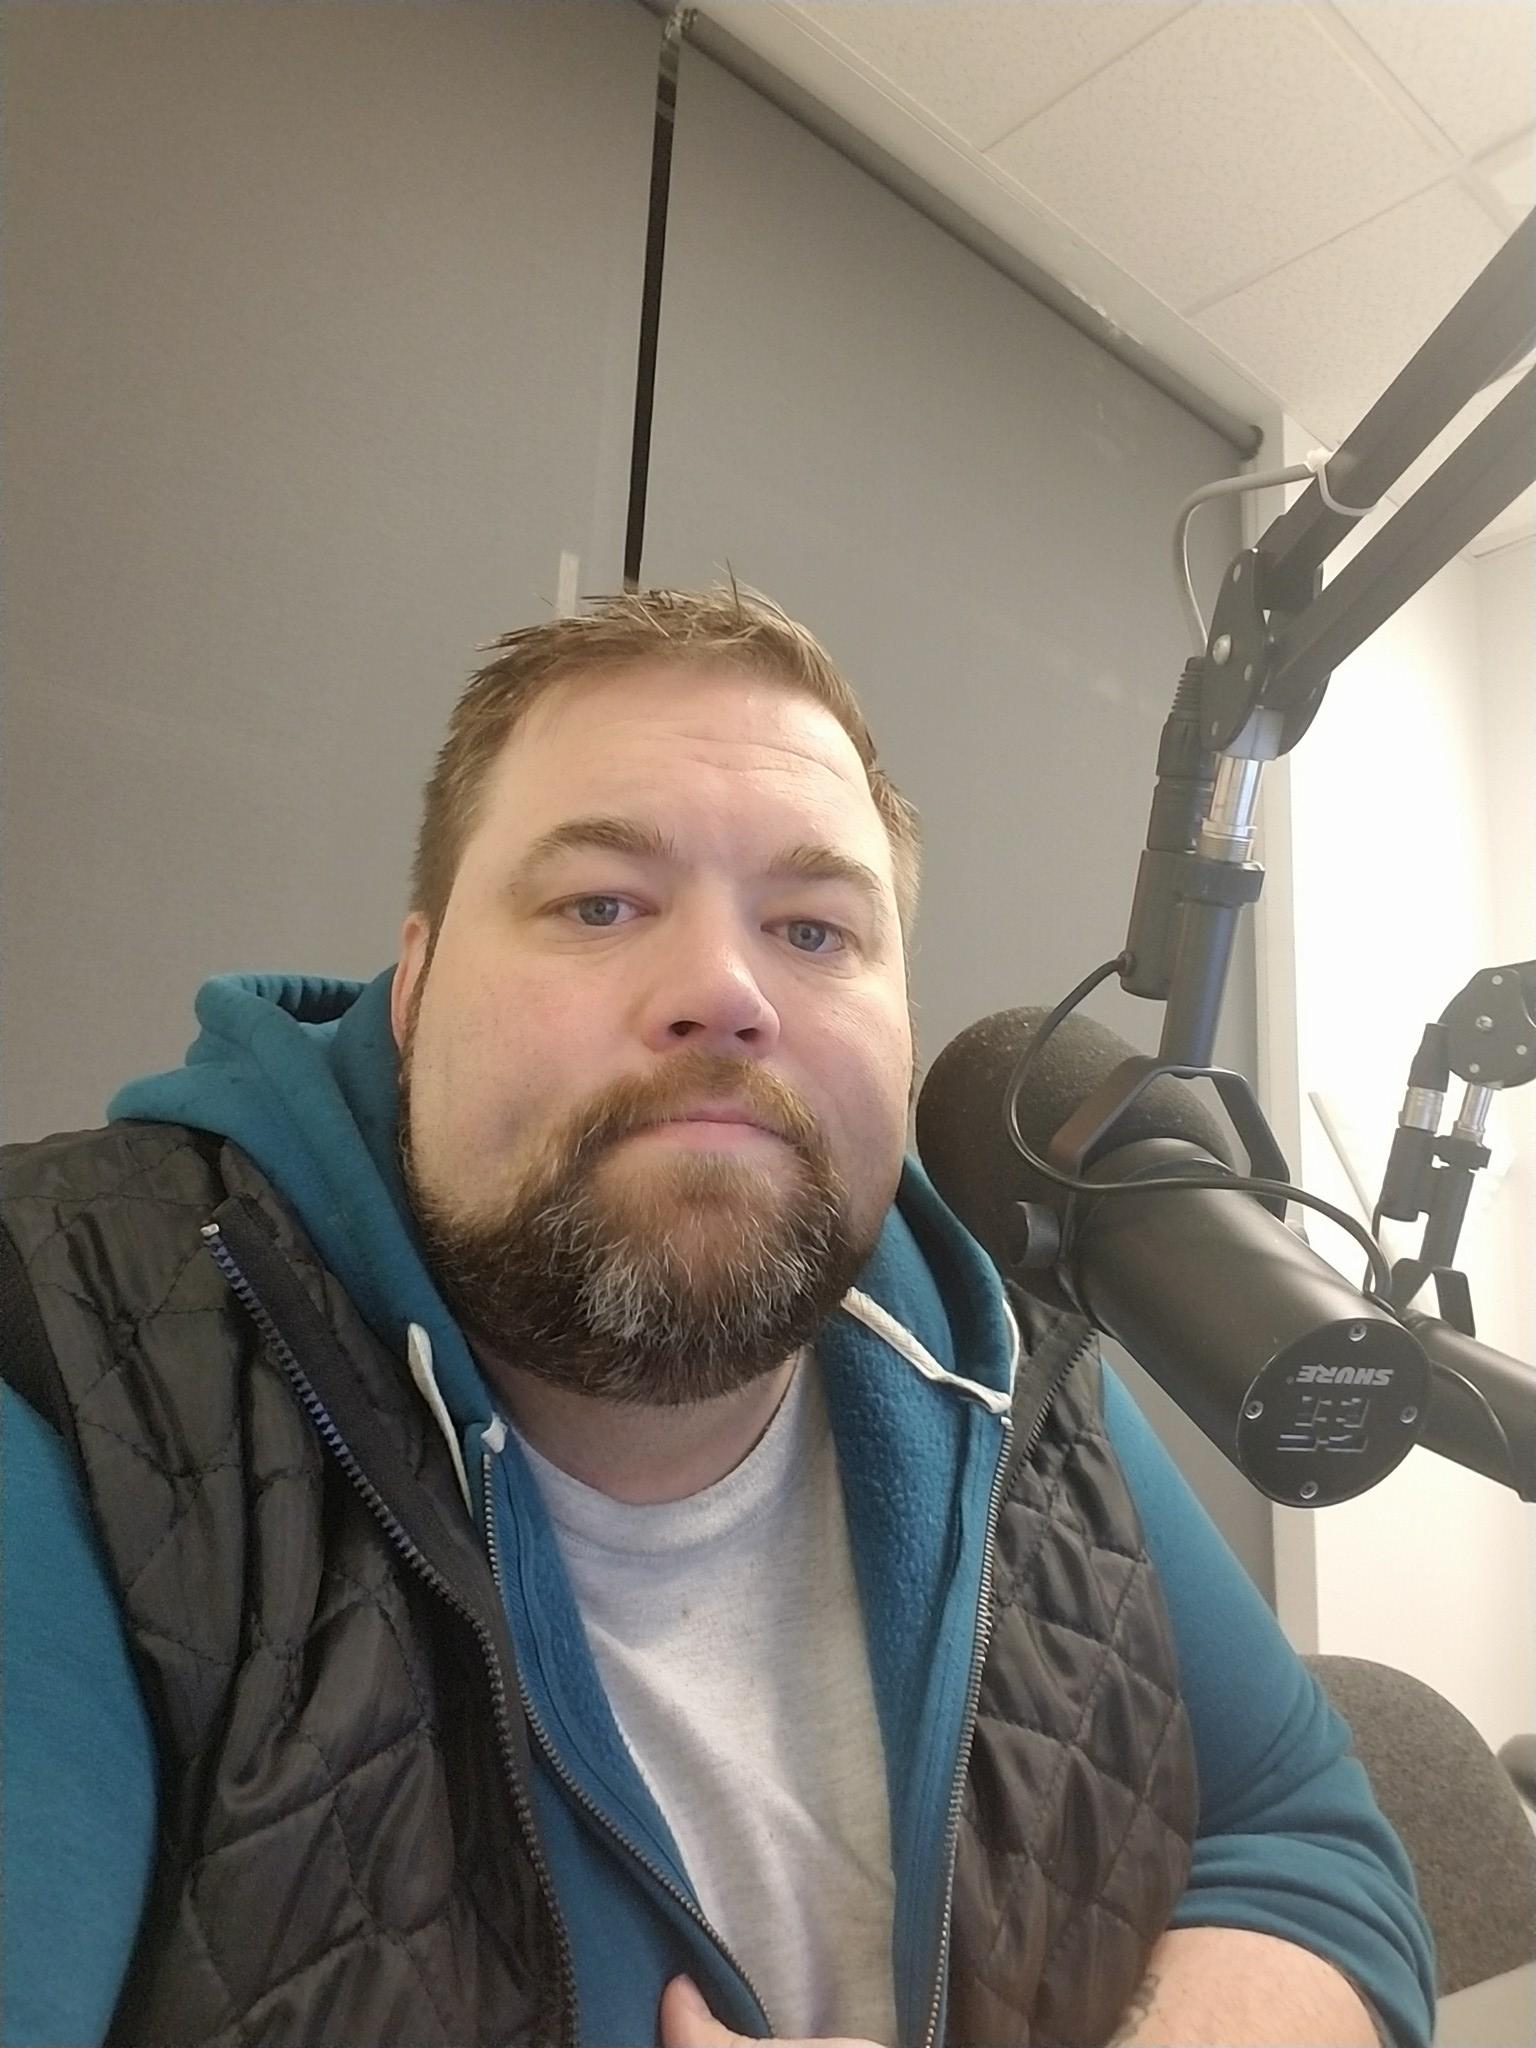 Impolite Company Podcast Host Chris Cyr